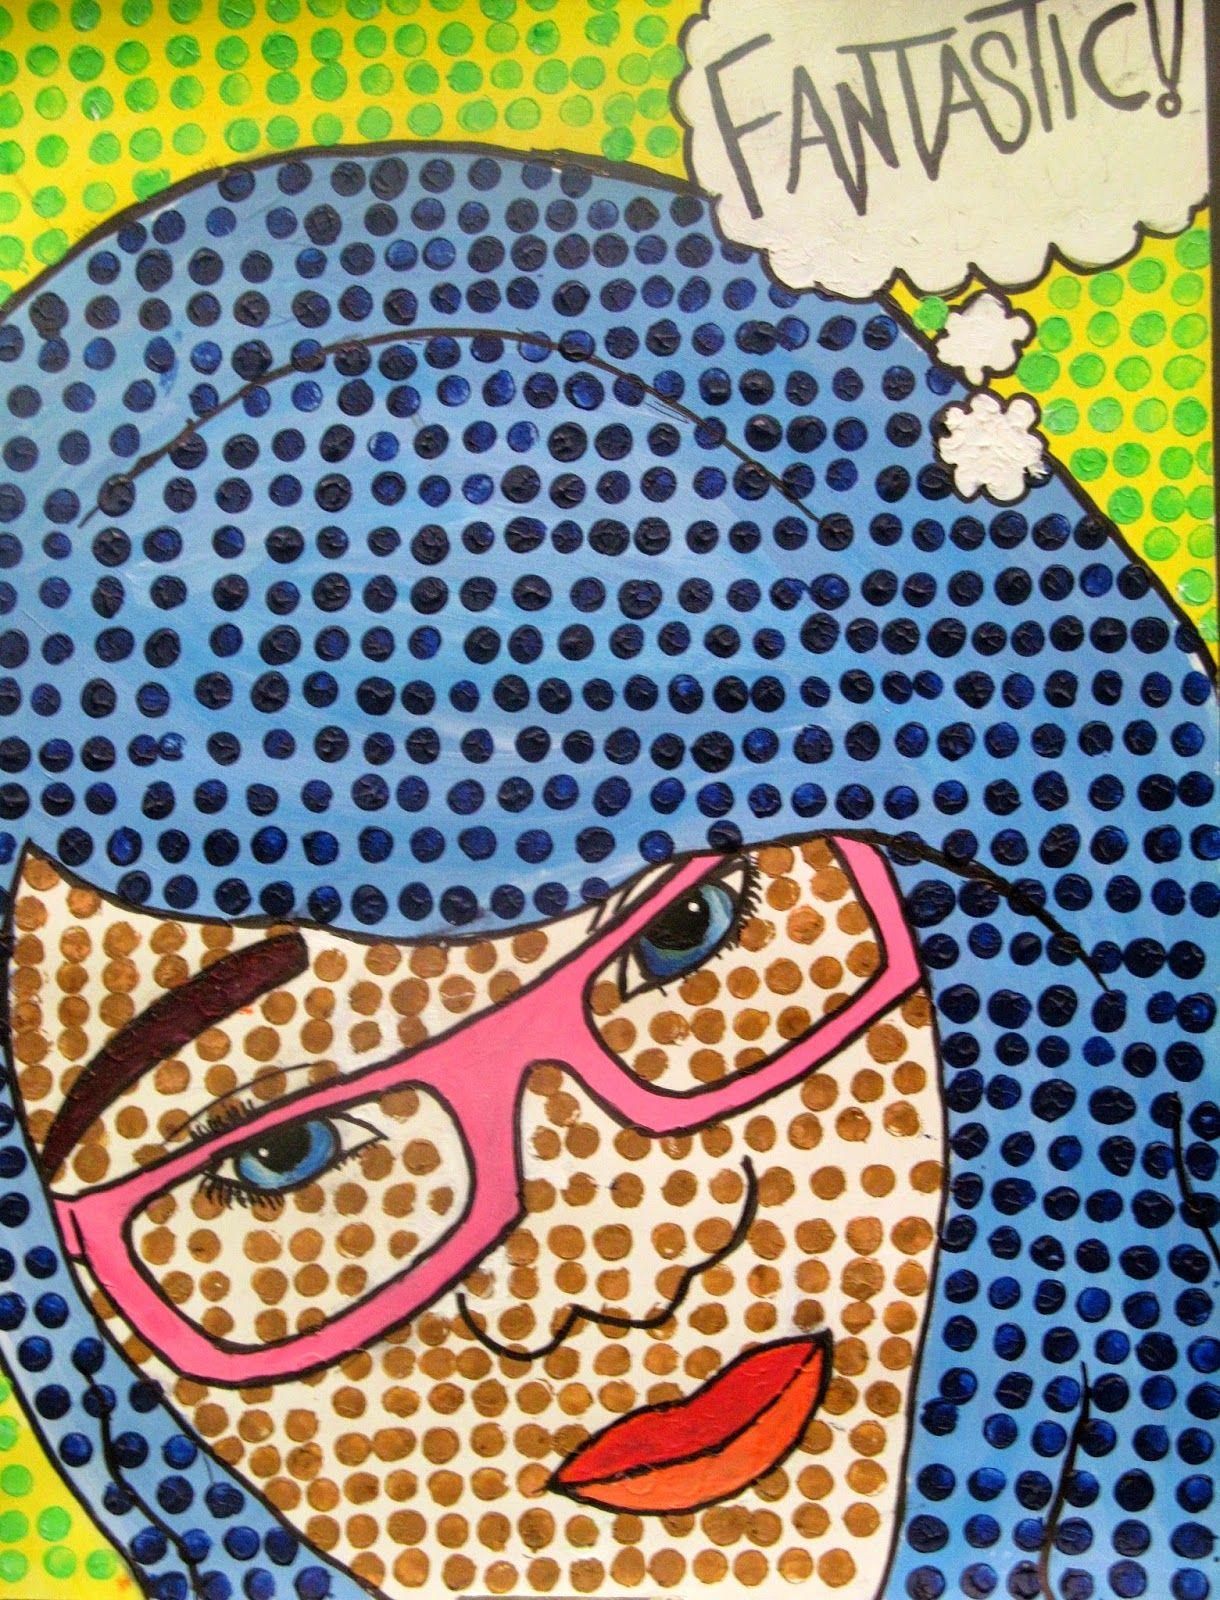 Pop Art Self Portraits Roy Lichtenstein Inspired Bristol